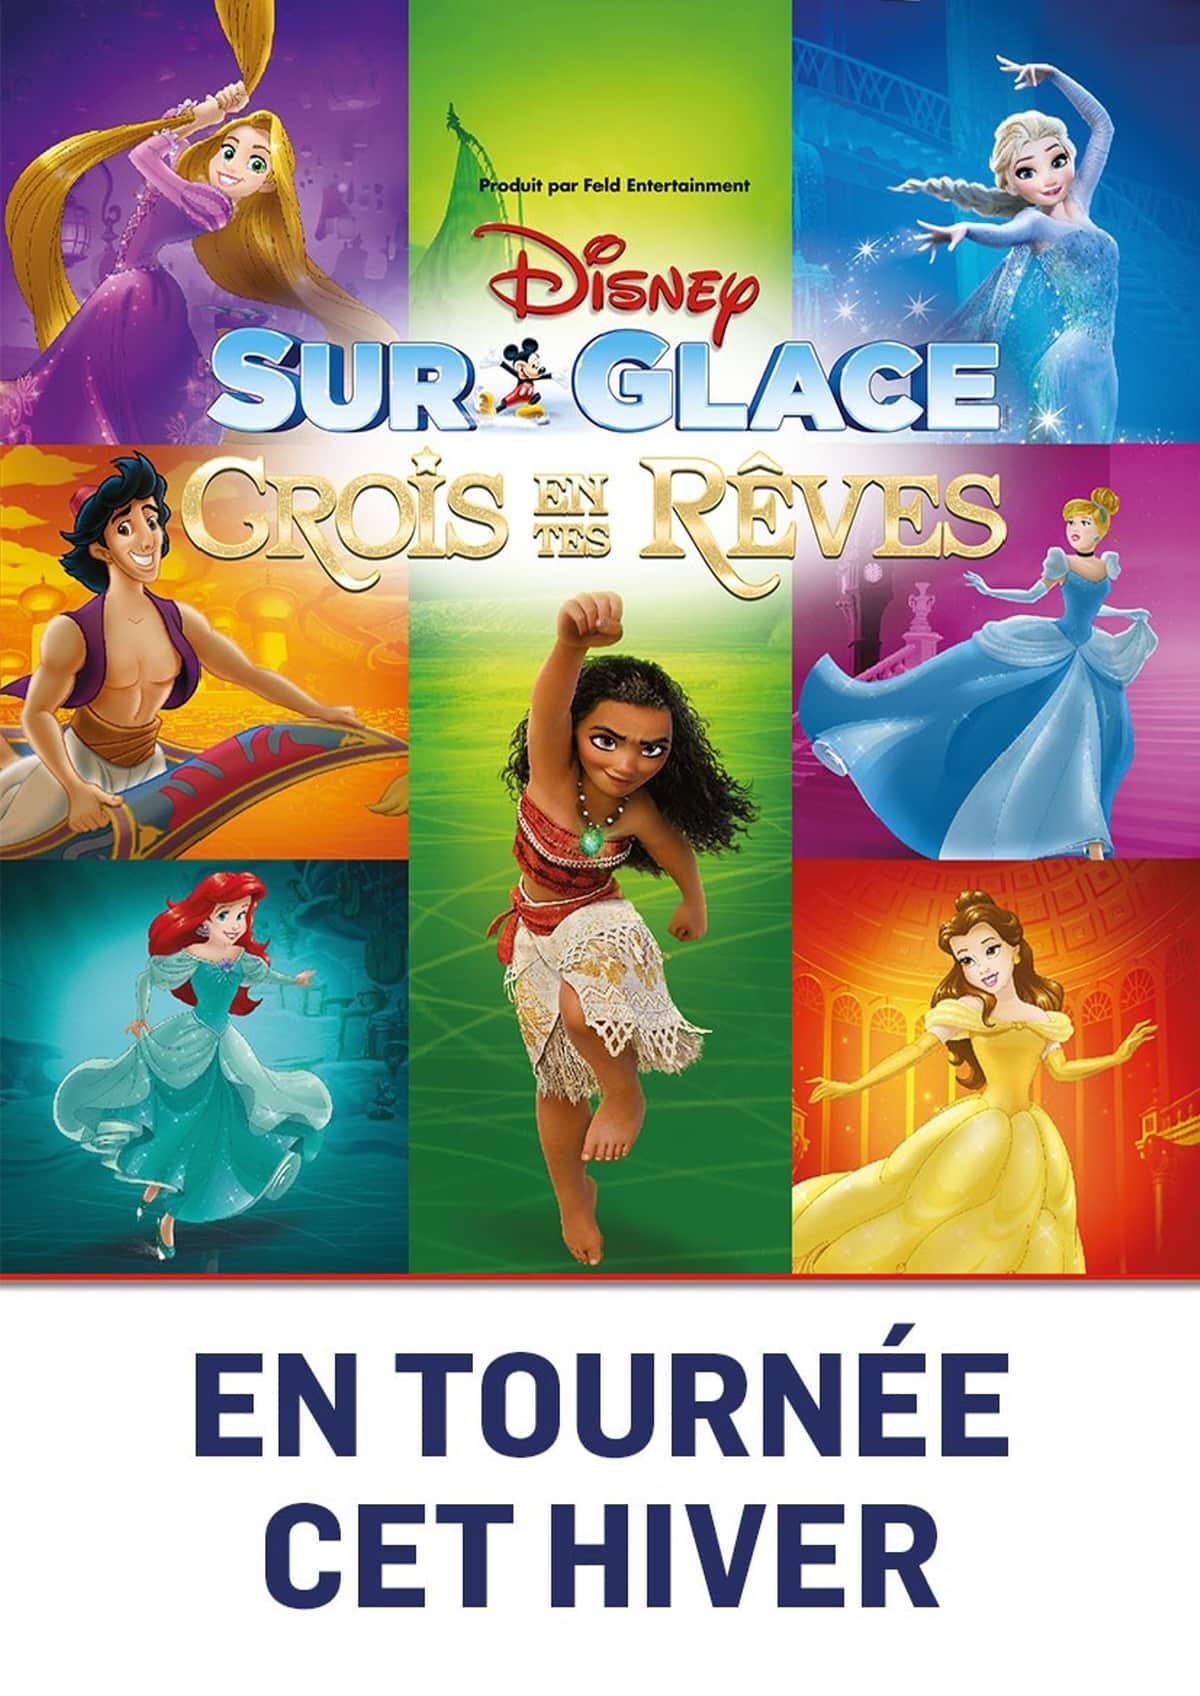 Disney sur glace crois en tes rêves